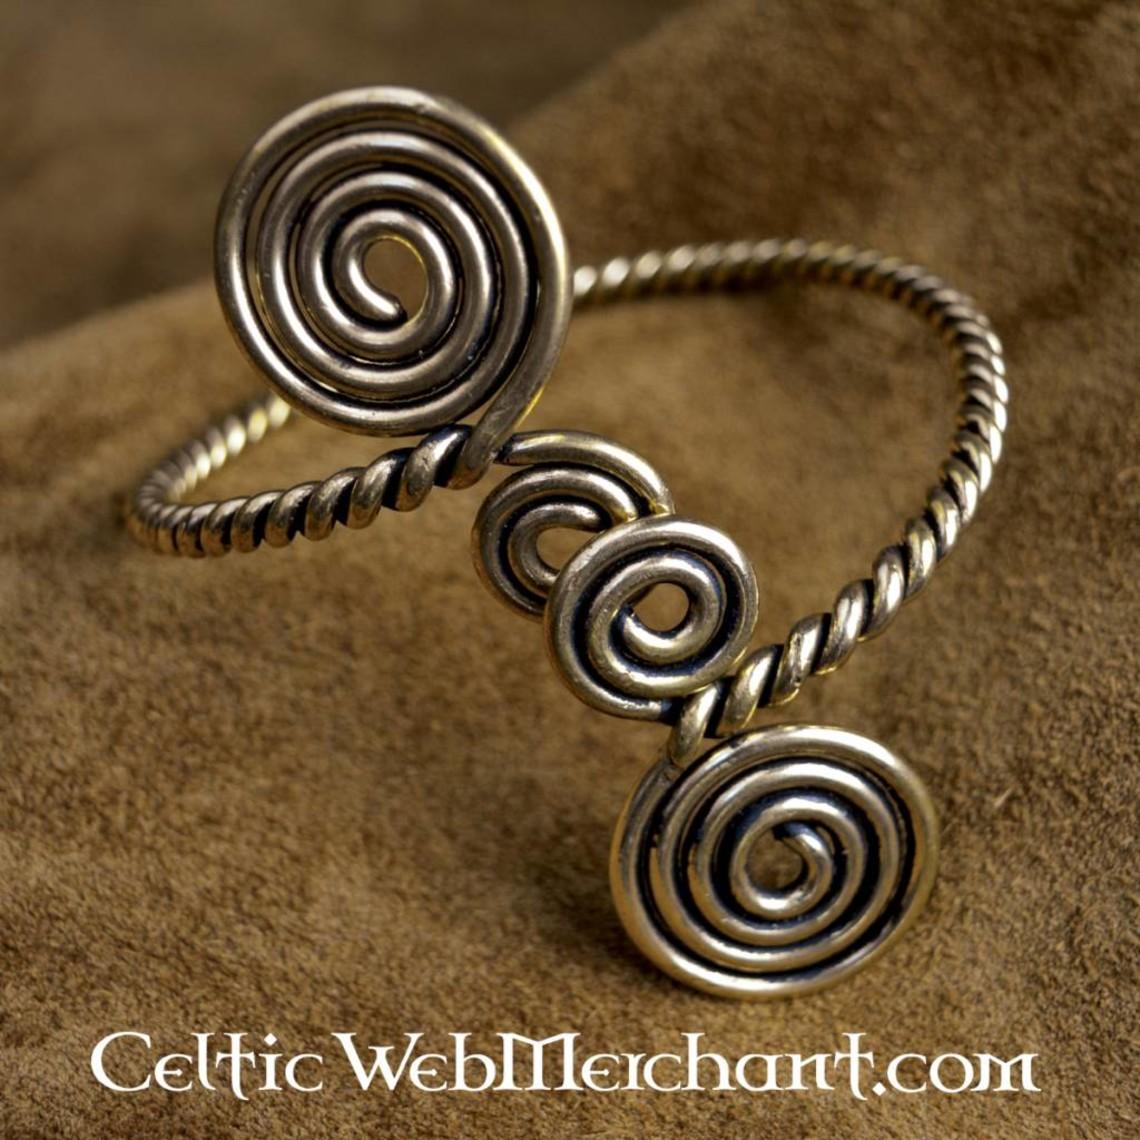 Keltische bovenarmband met spiralen